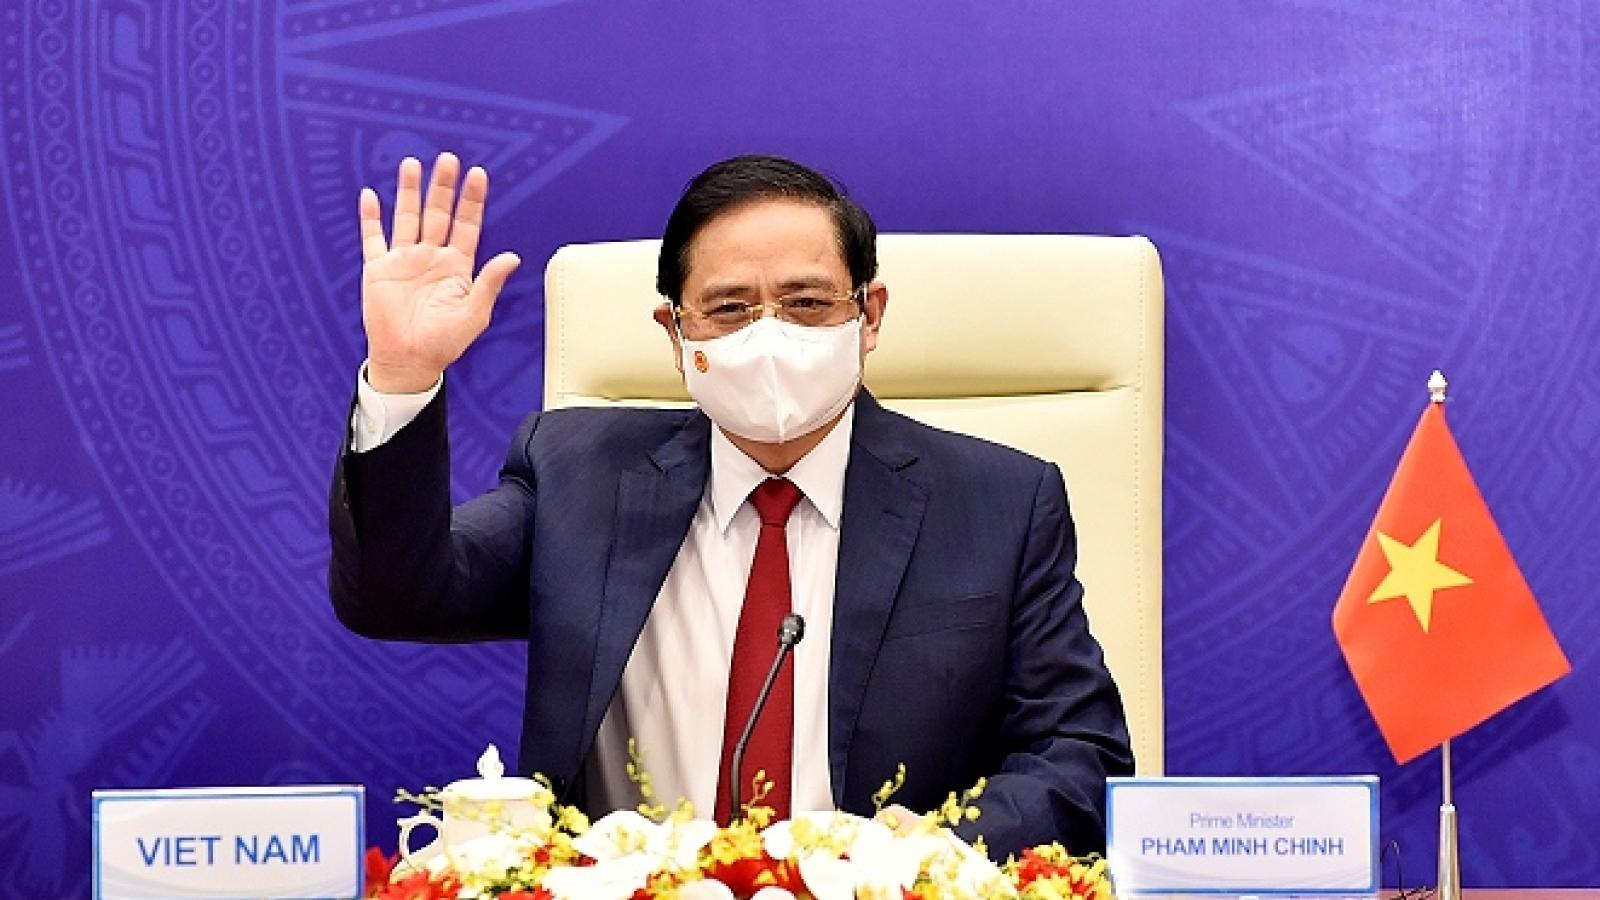 Hôm nay, Thủ tướng tham dự Hội nghị Thượng đỉnh Hợp tác Tiểu vùng Mekong mở rộng